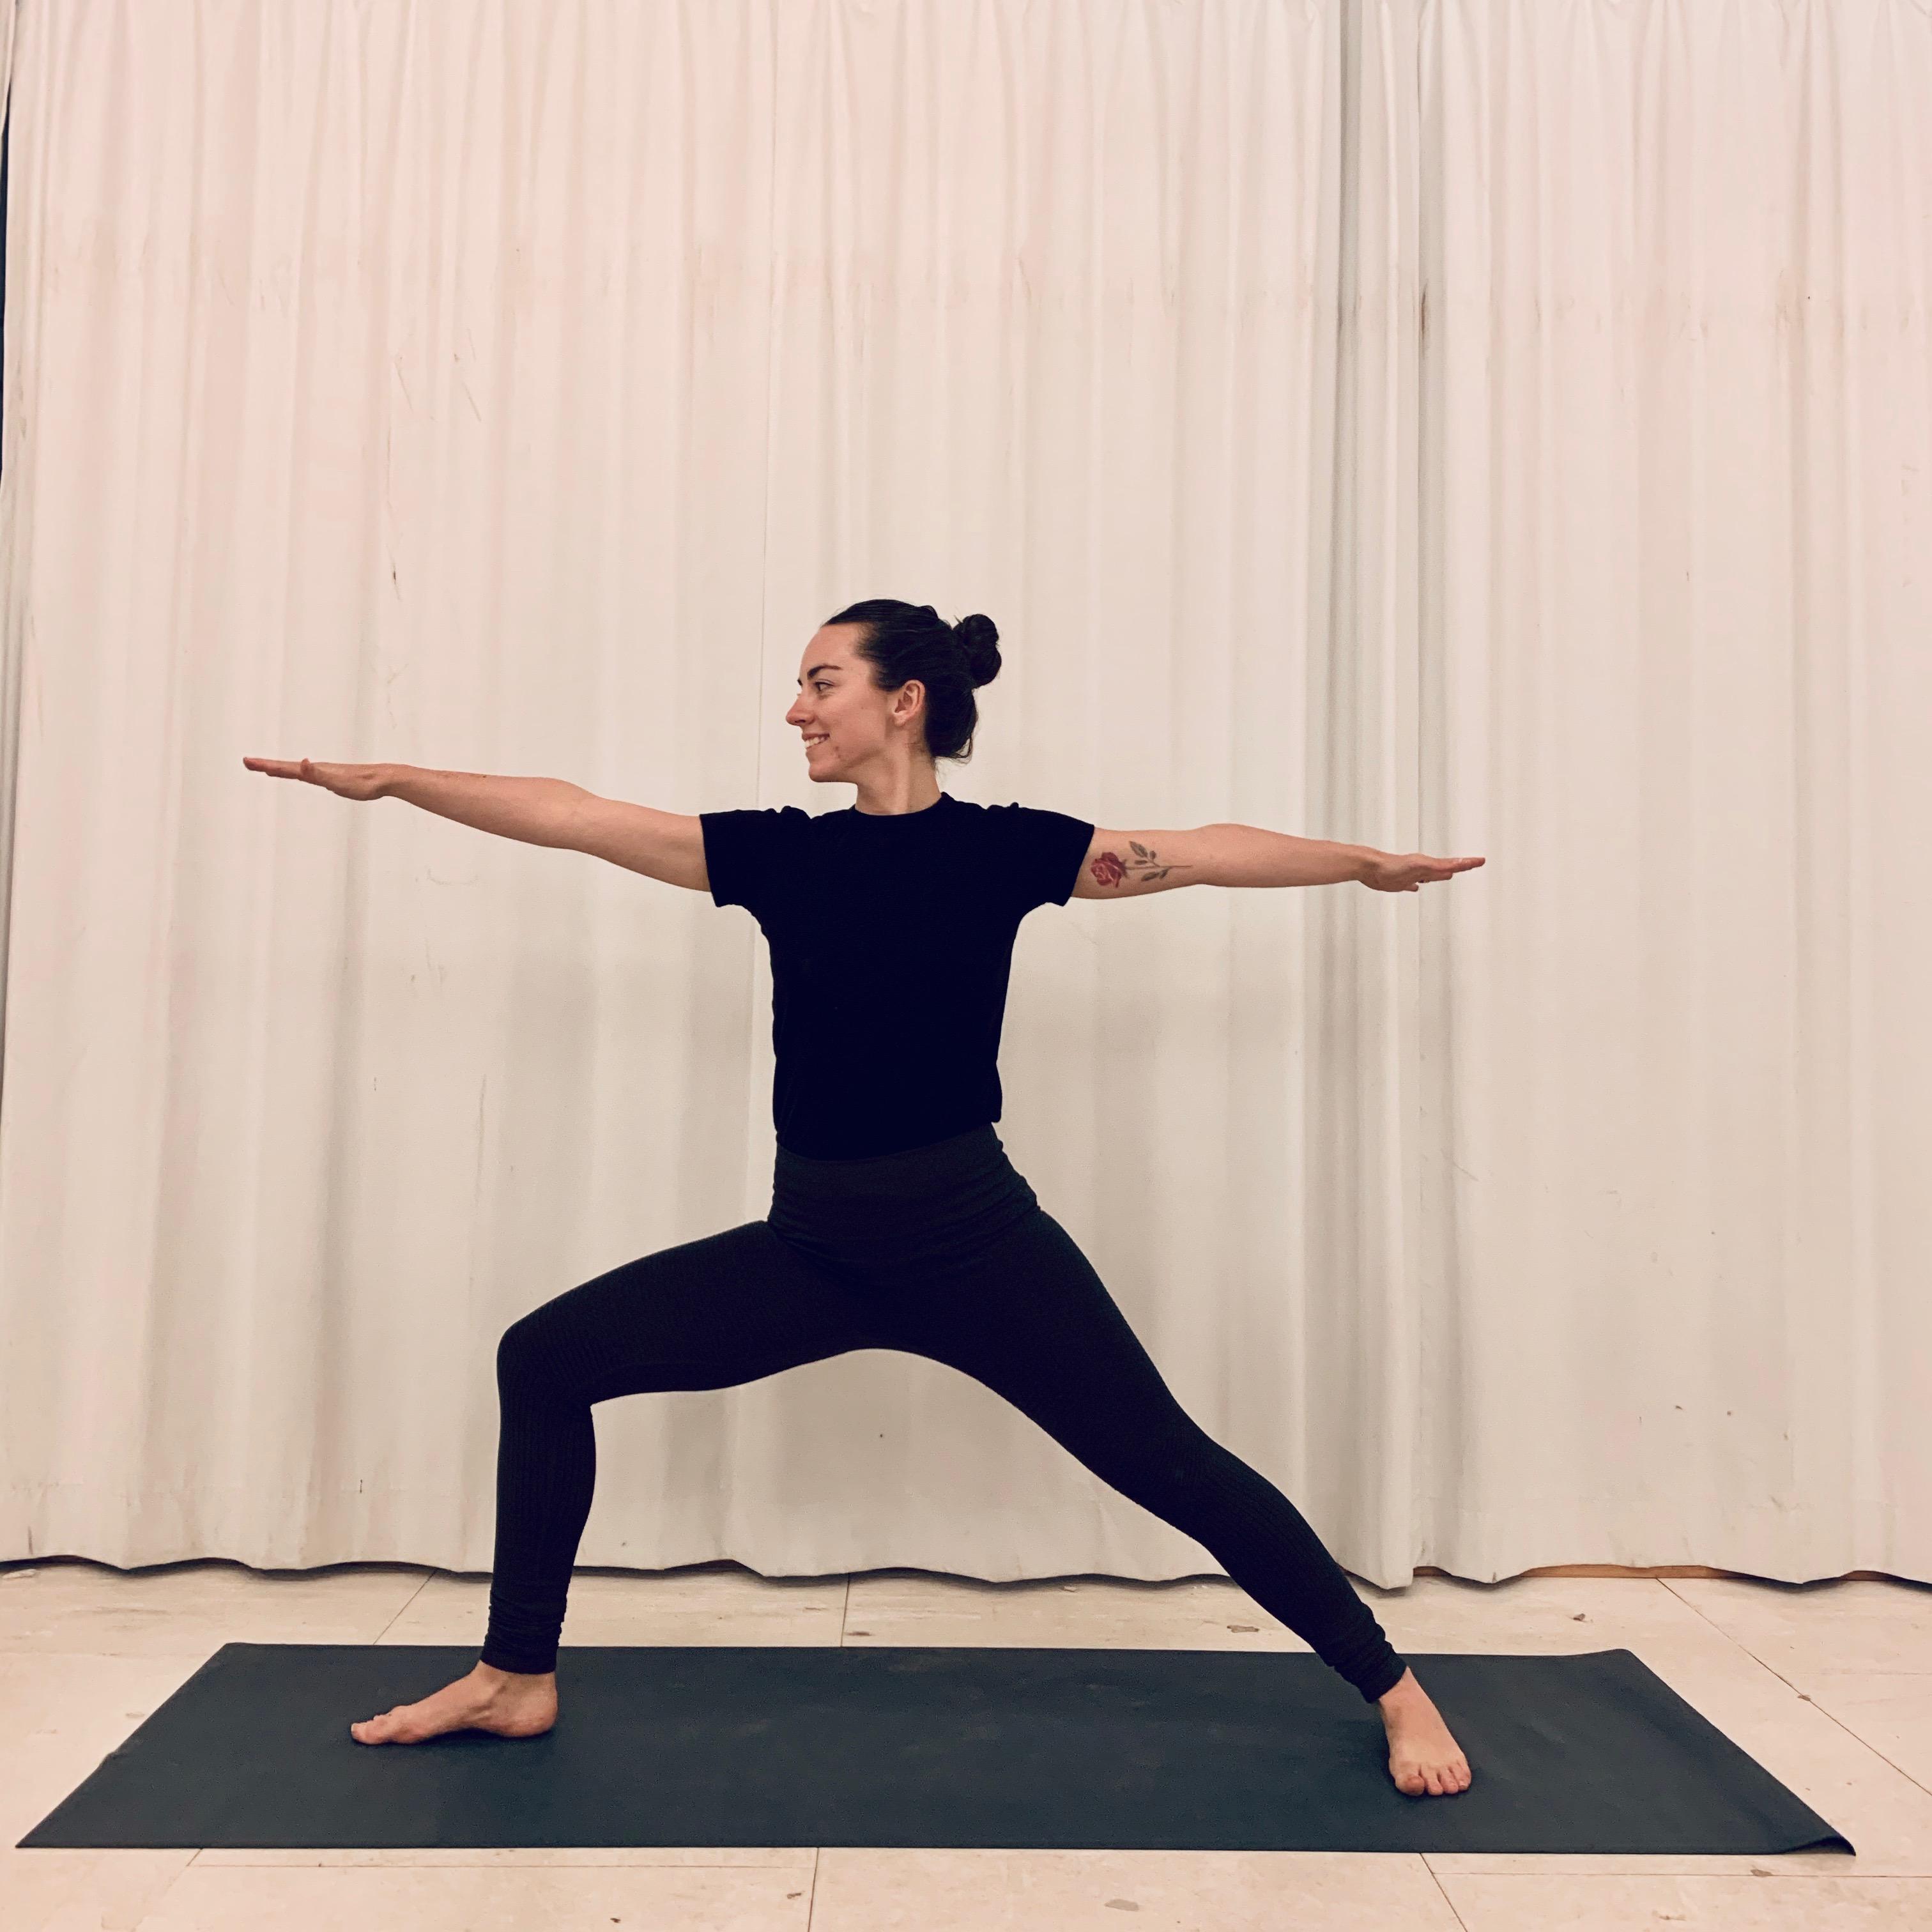 På billedet ses en af eleverne på yogauddannelsen i en yogaposition